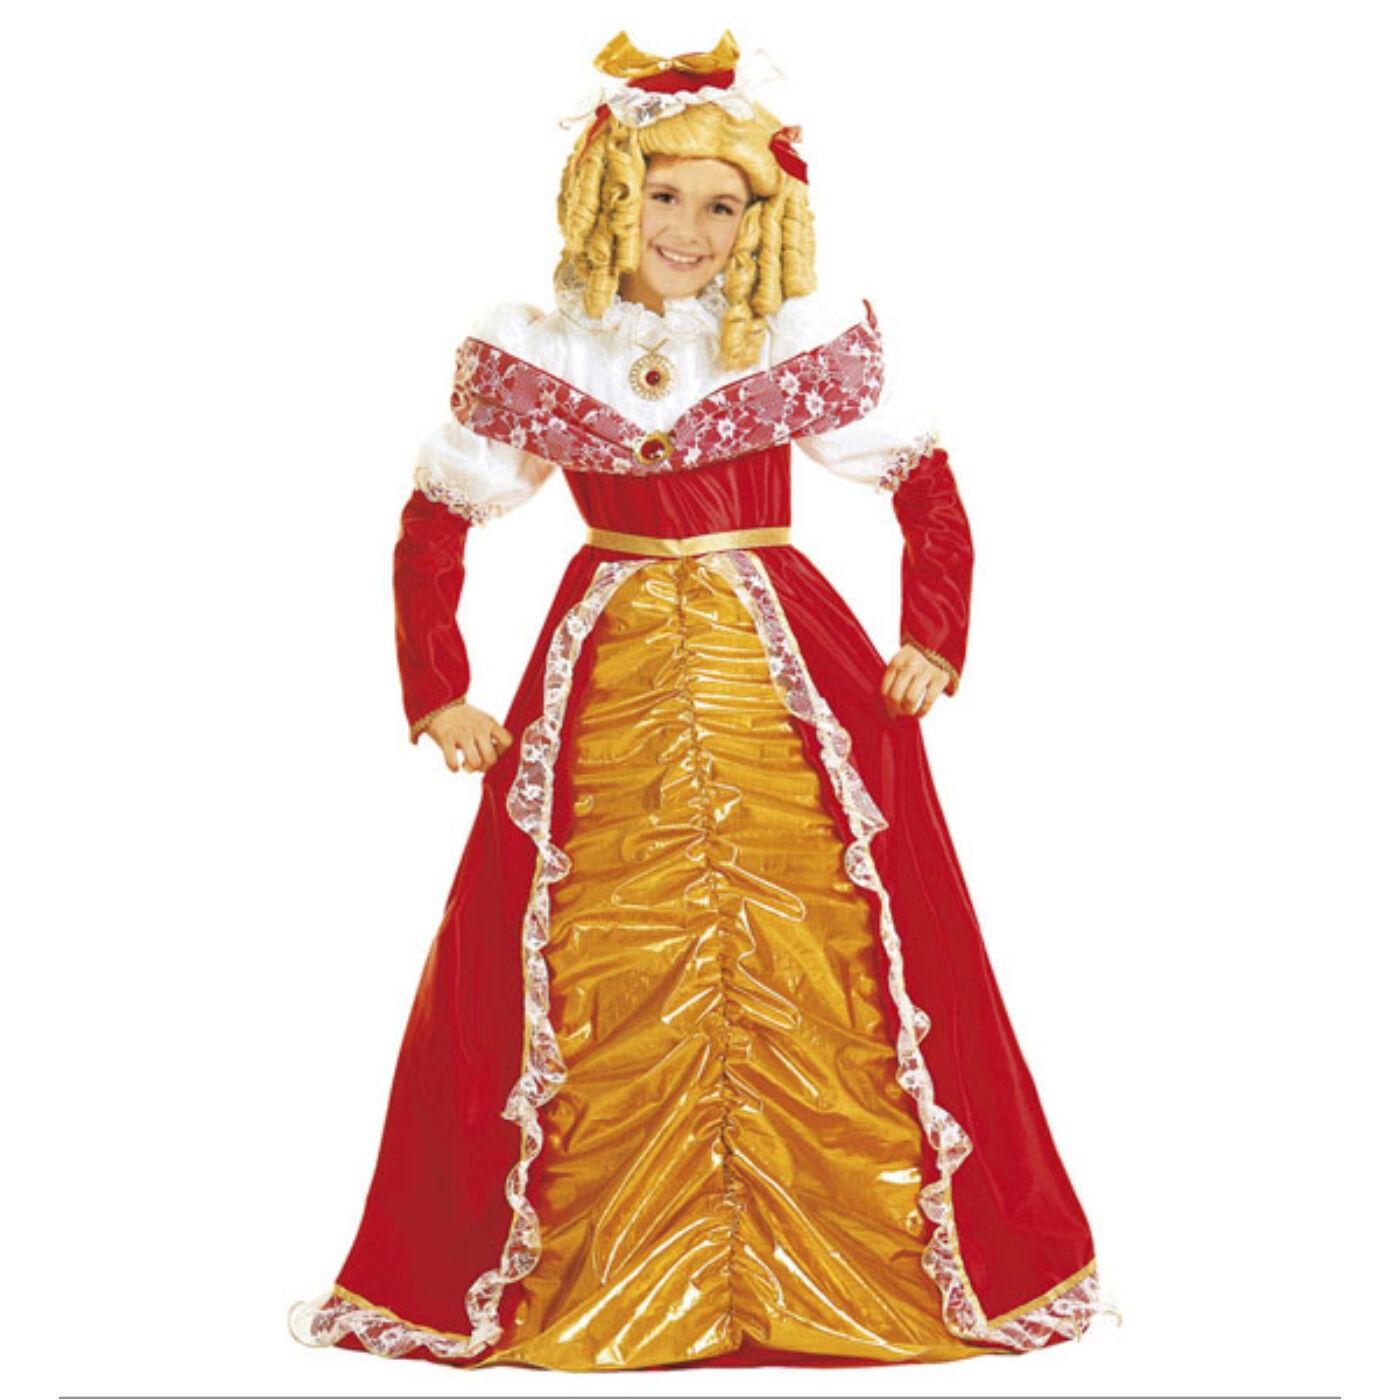 Nagyhercegnő jelmez 128-as